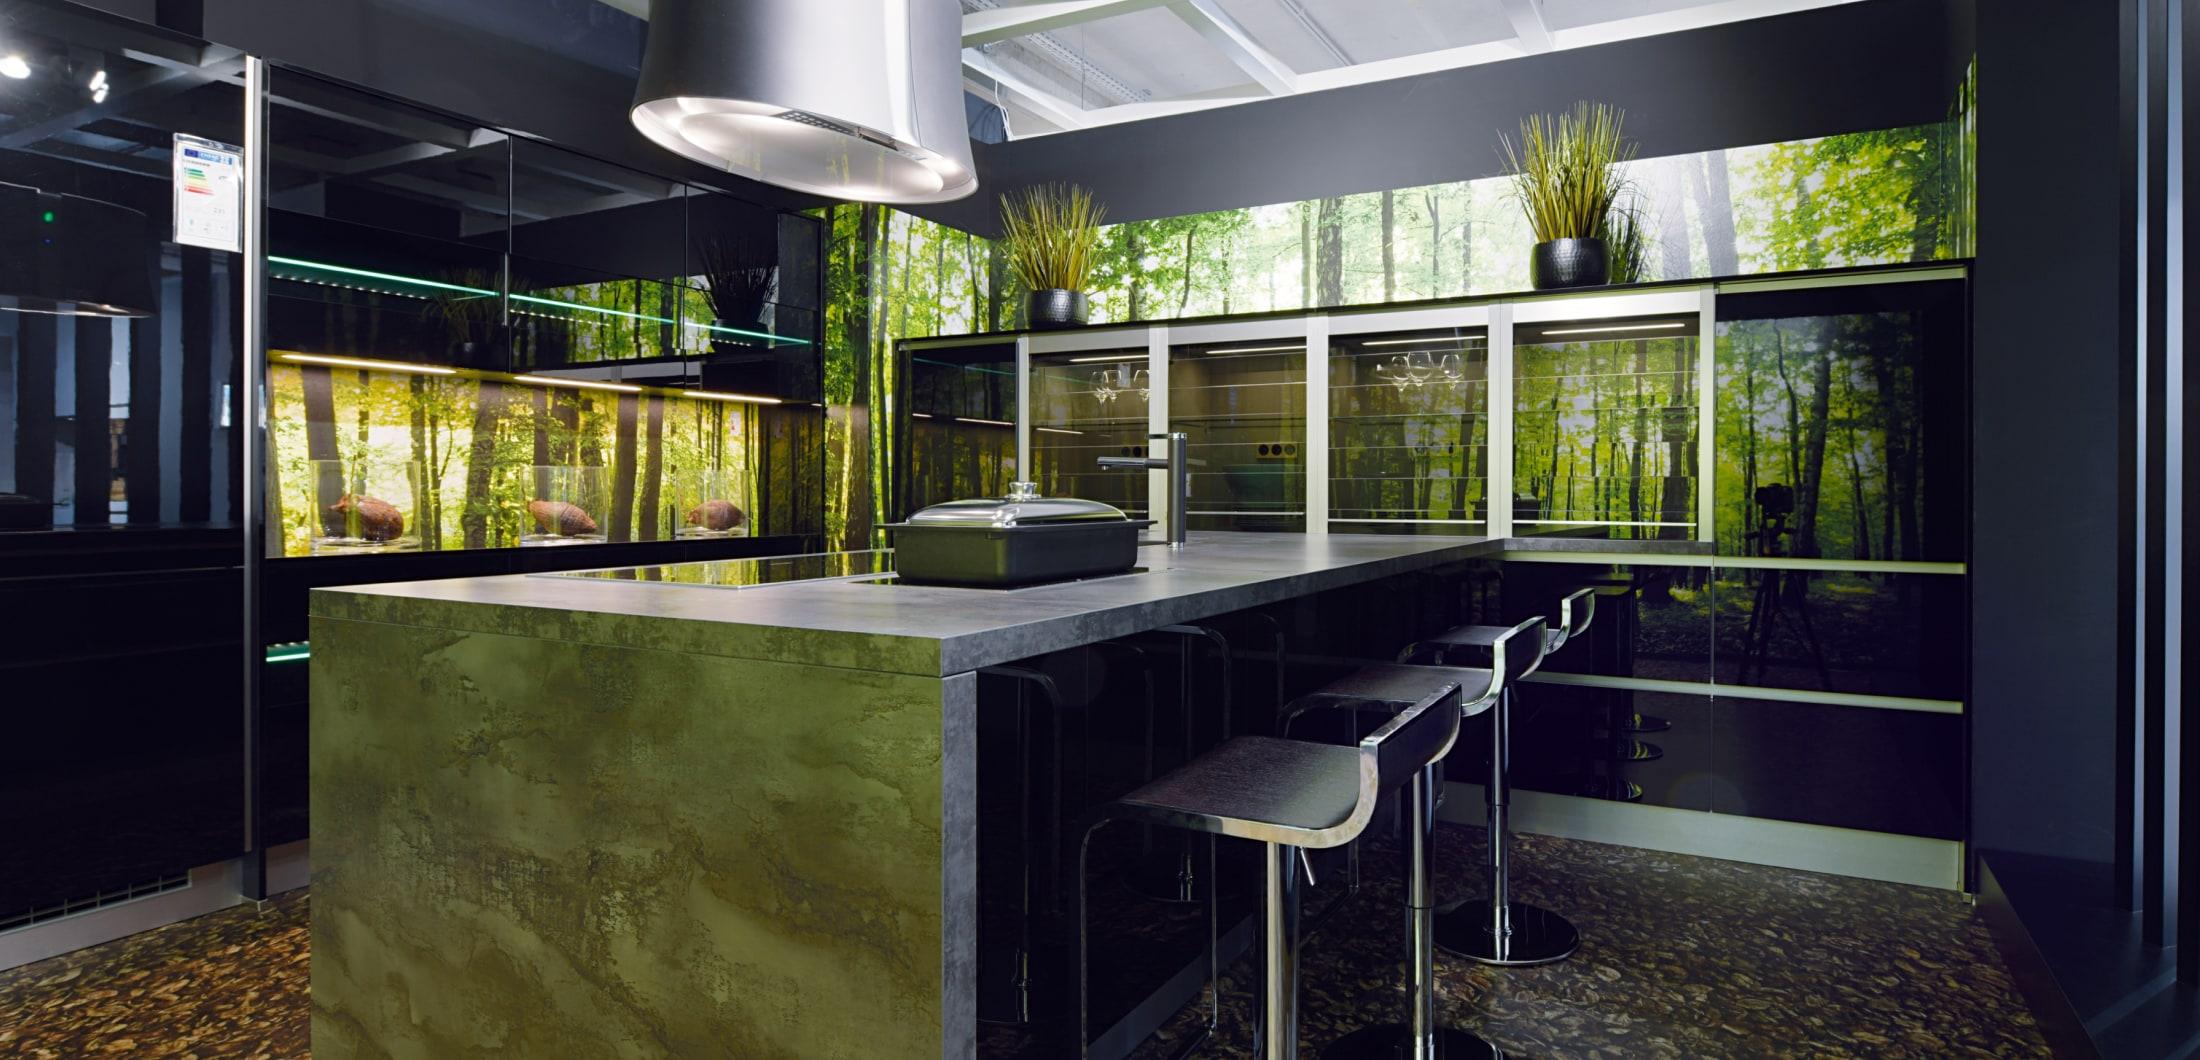 Hochwertige Designerküche mit Kücheninsel und grünen Elementen. Musterküche in Langenfeld.